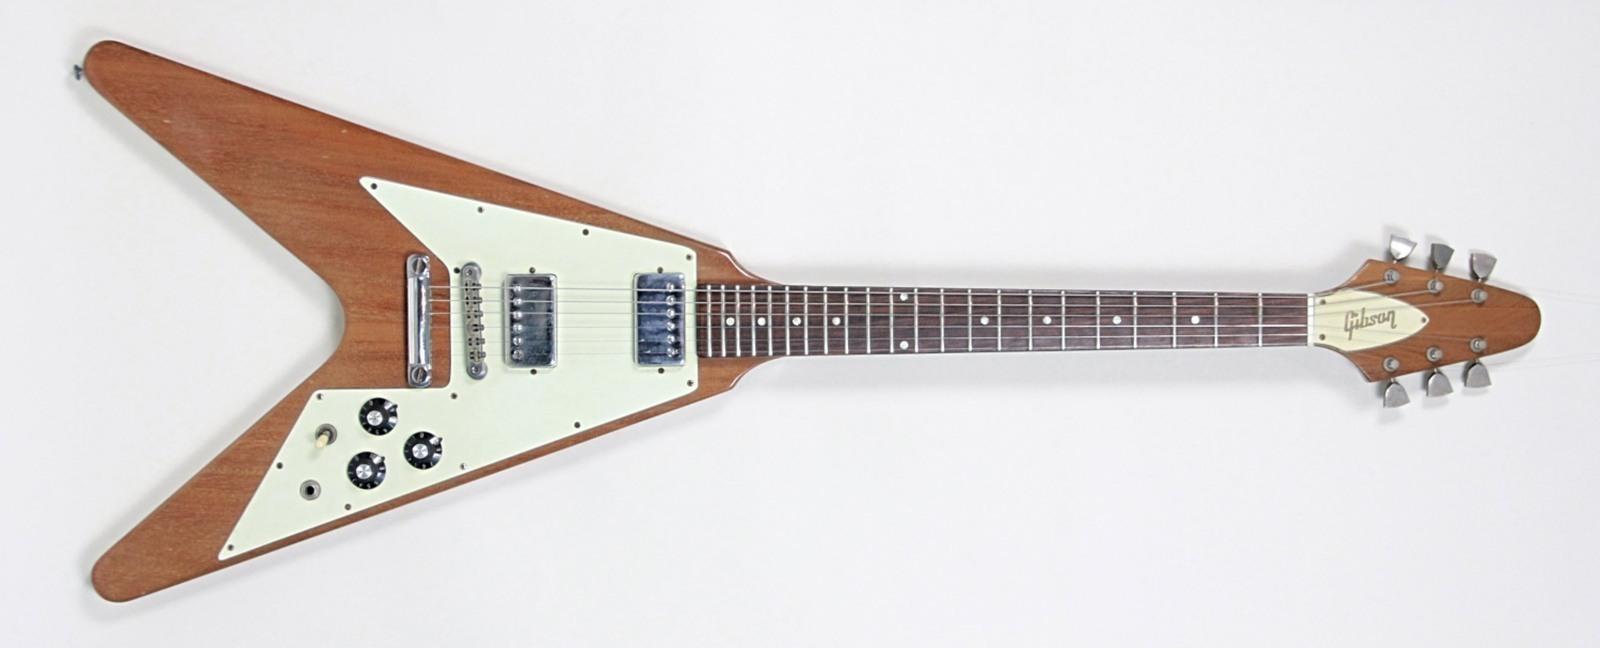 1975 gibson flying v vintage modern guitars. Black Bedroom Furniture Sets. Home Design Ideas